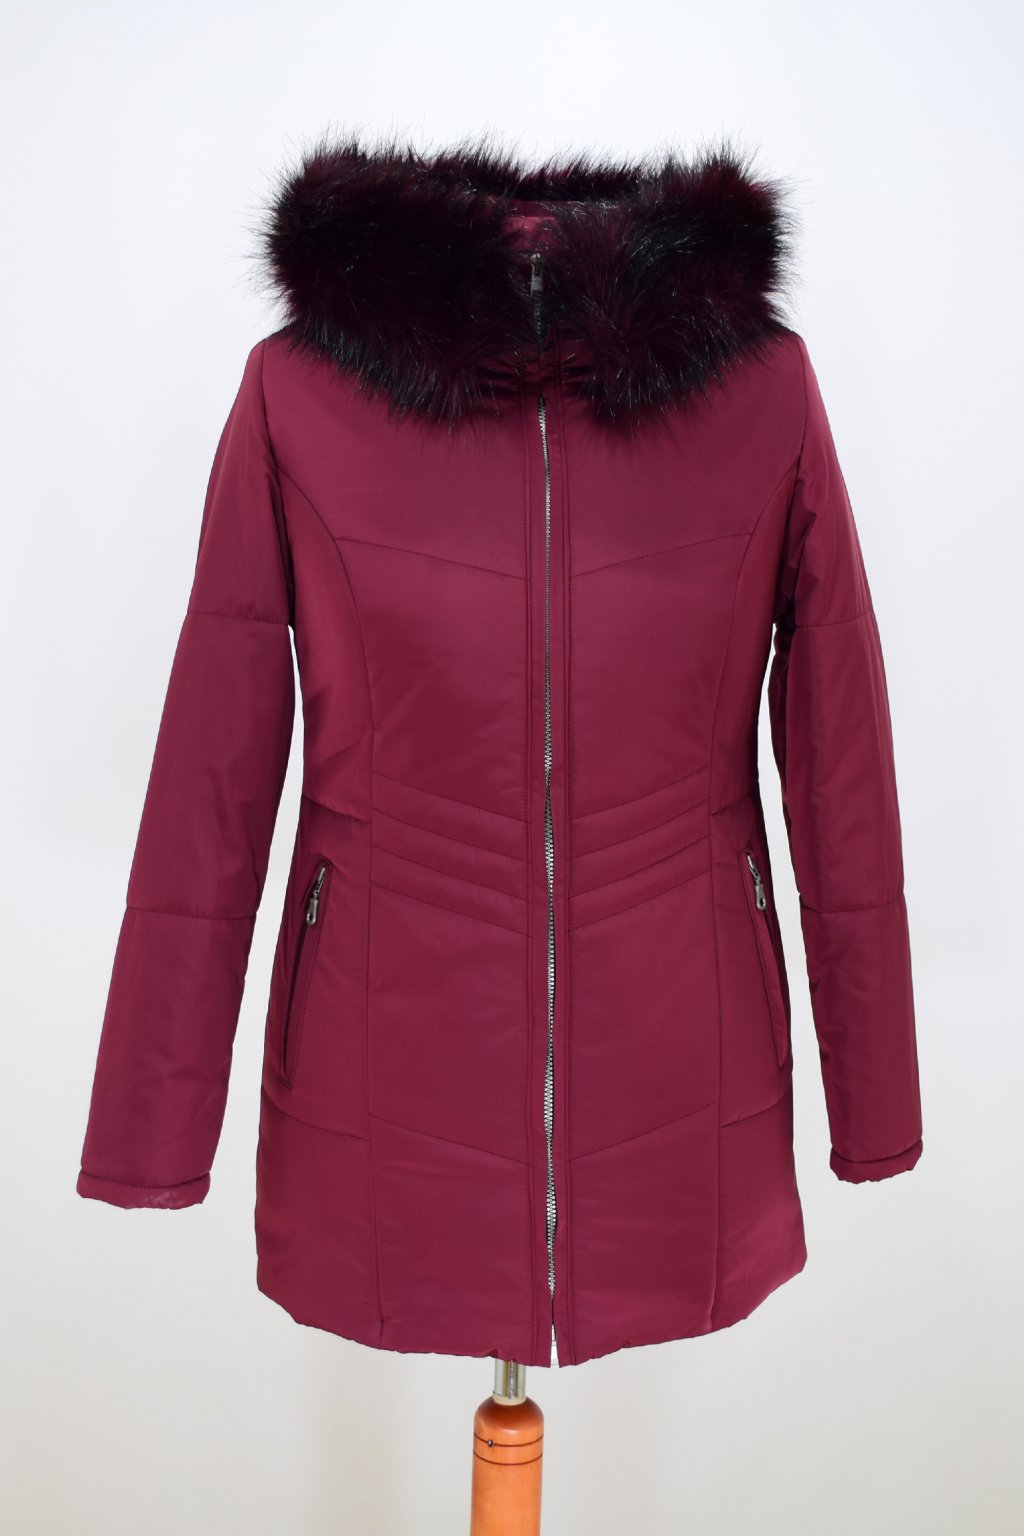 Dámská vínová zimní bunda Judita nadměrné velikosti.